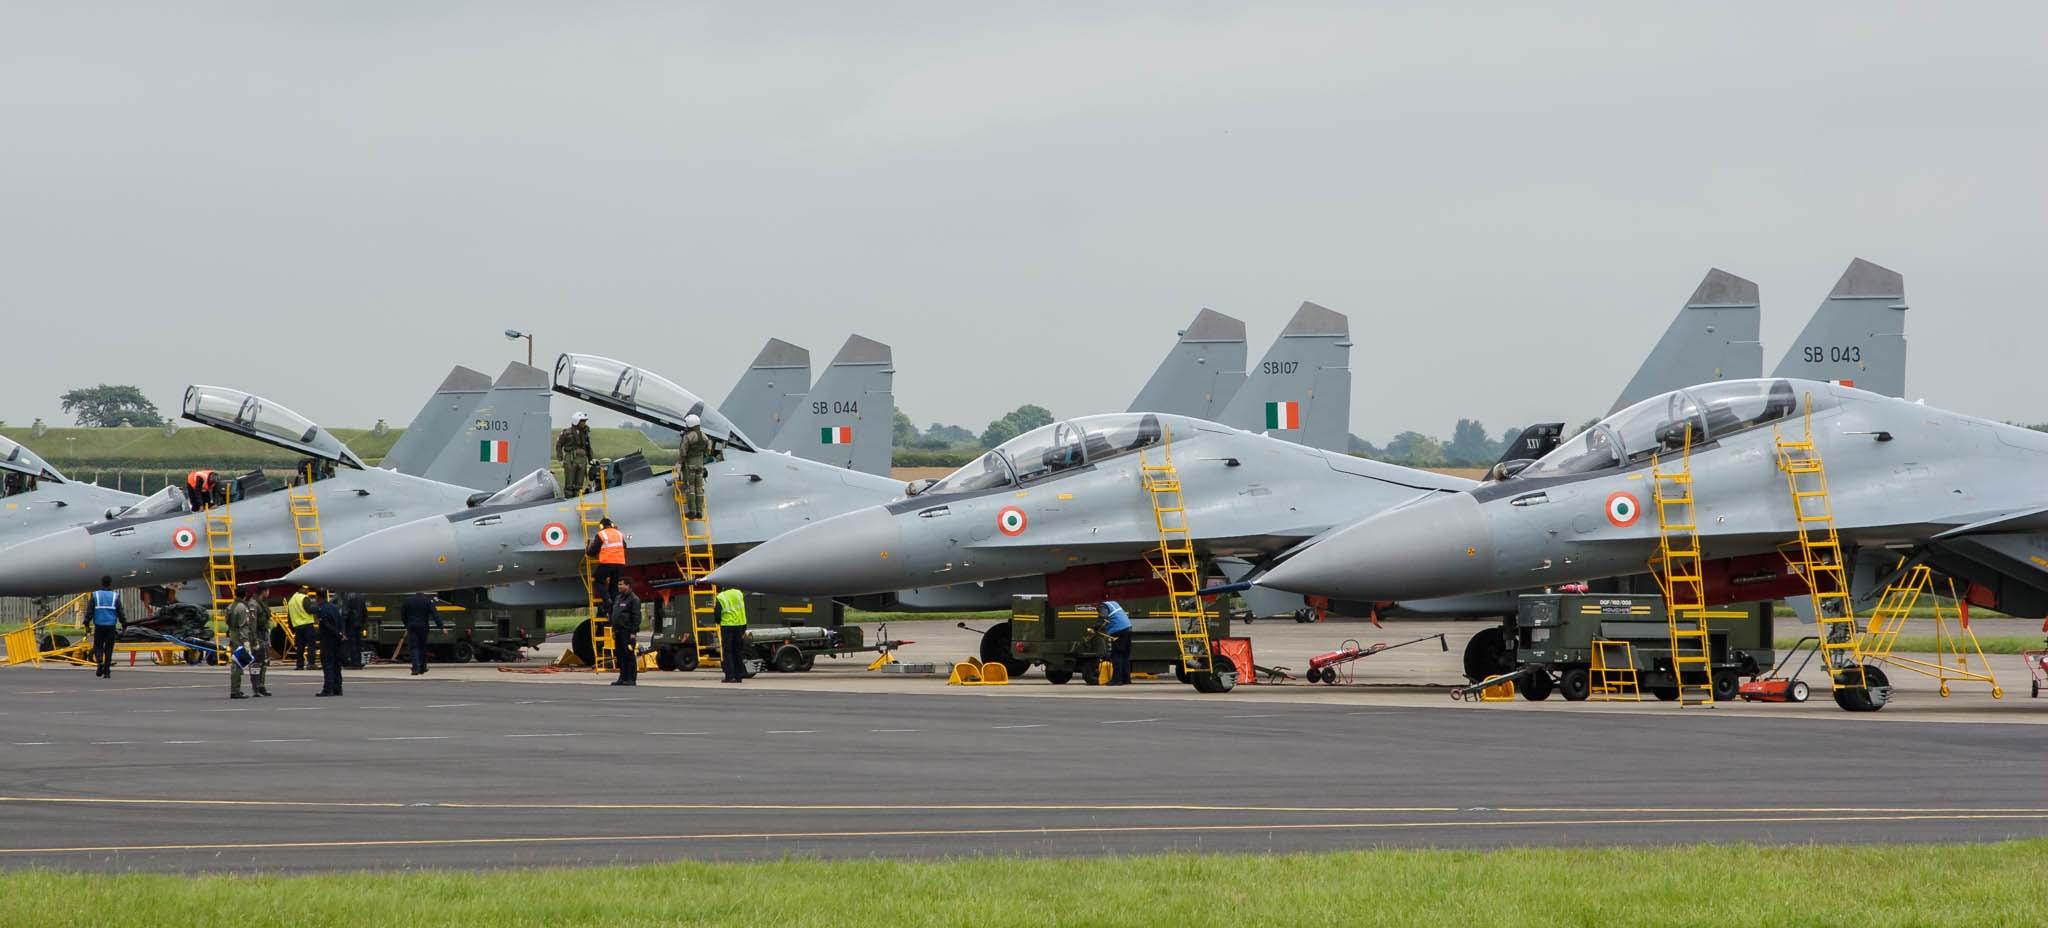 Complicações freiam o contrato dos Rafales – Caso o contrato falhe, o Sukhoi Su-30 pode ser a opção